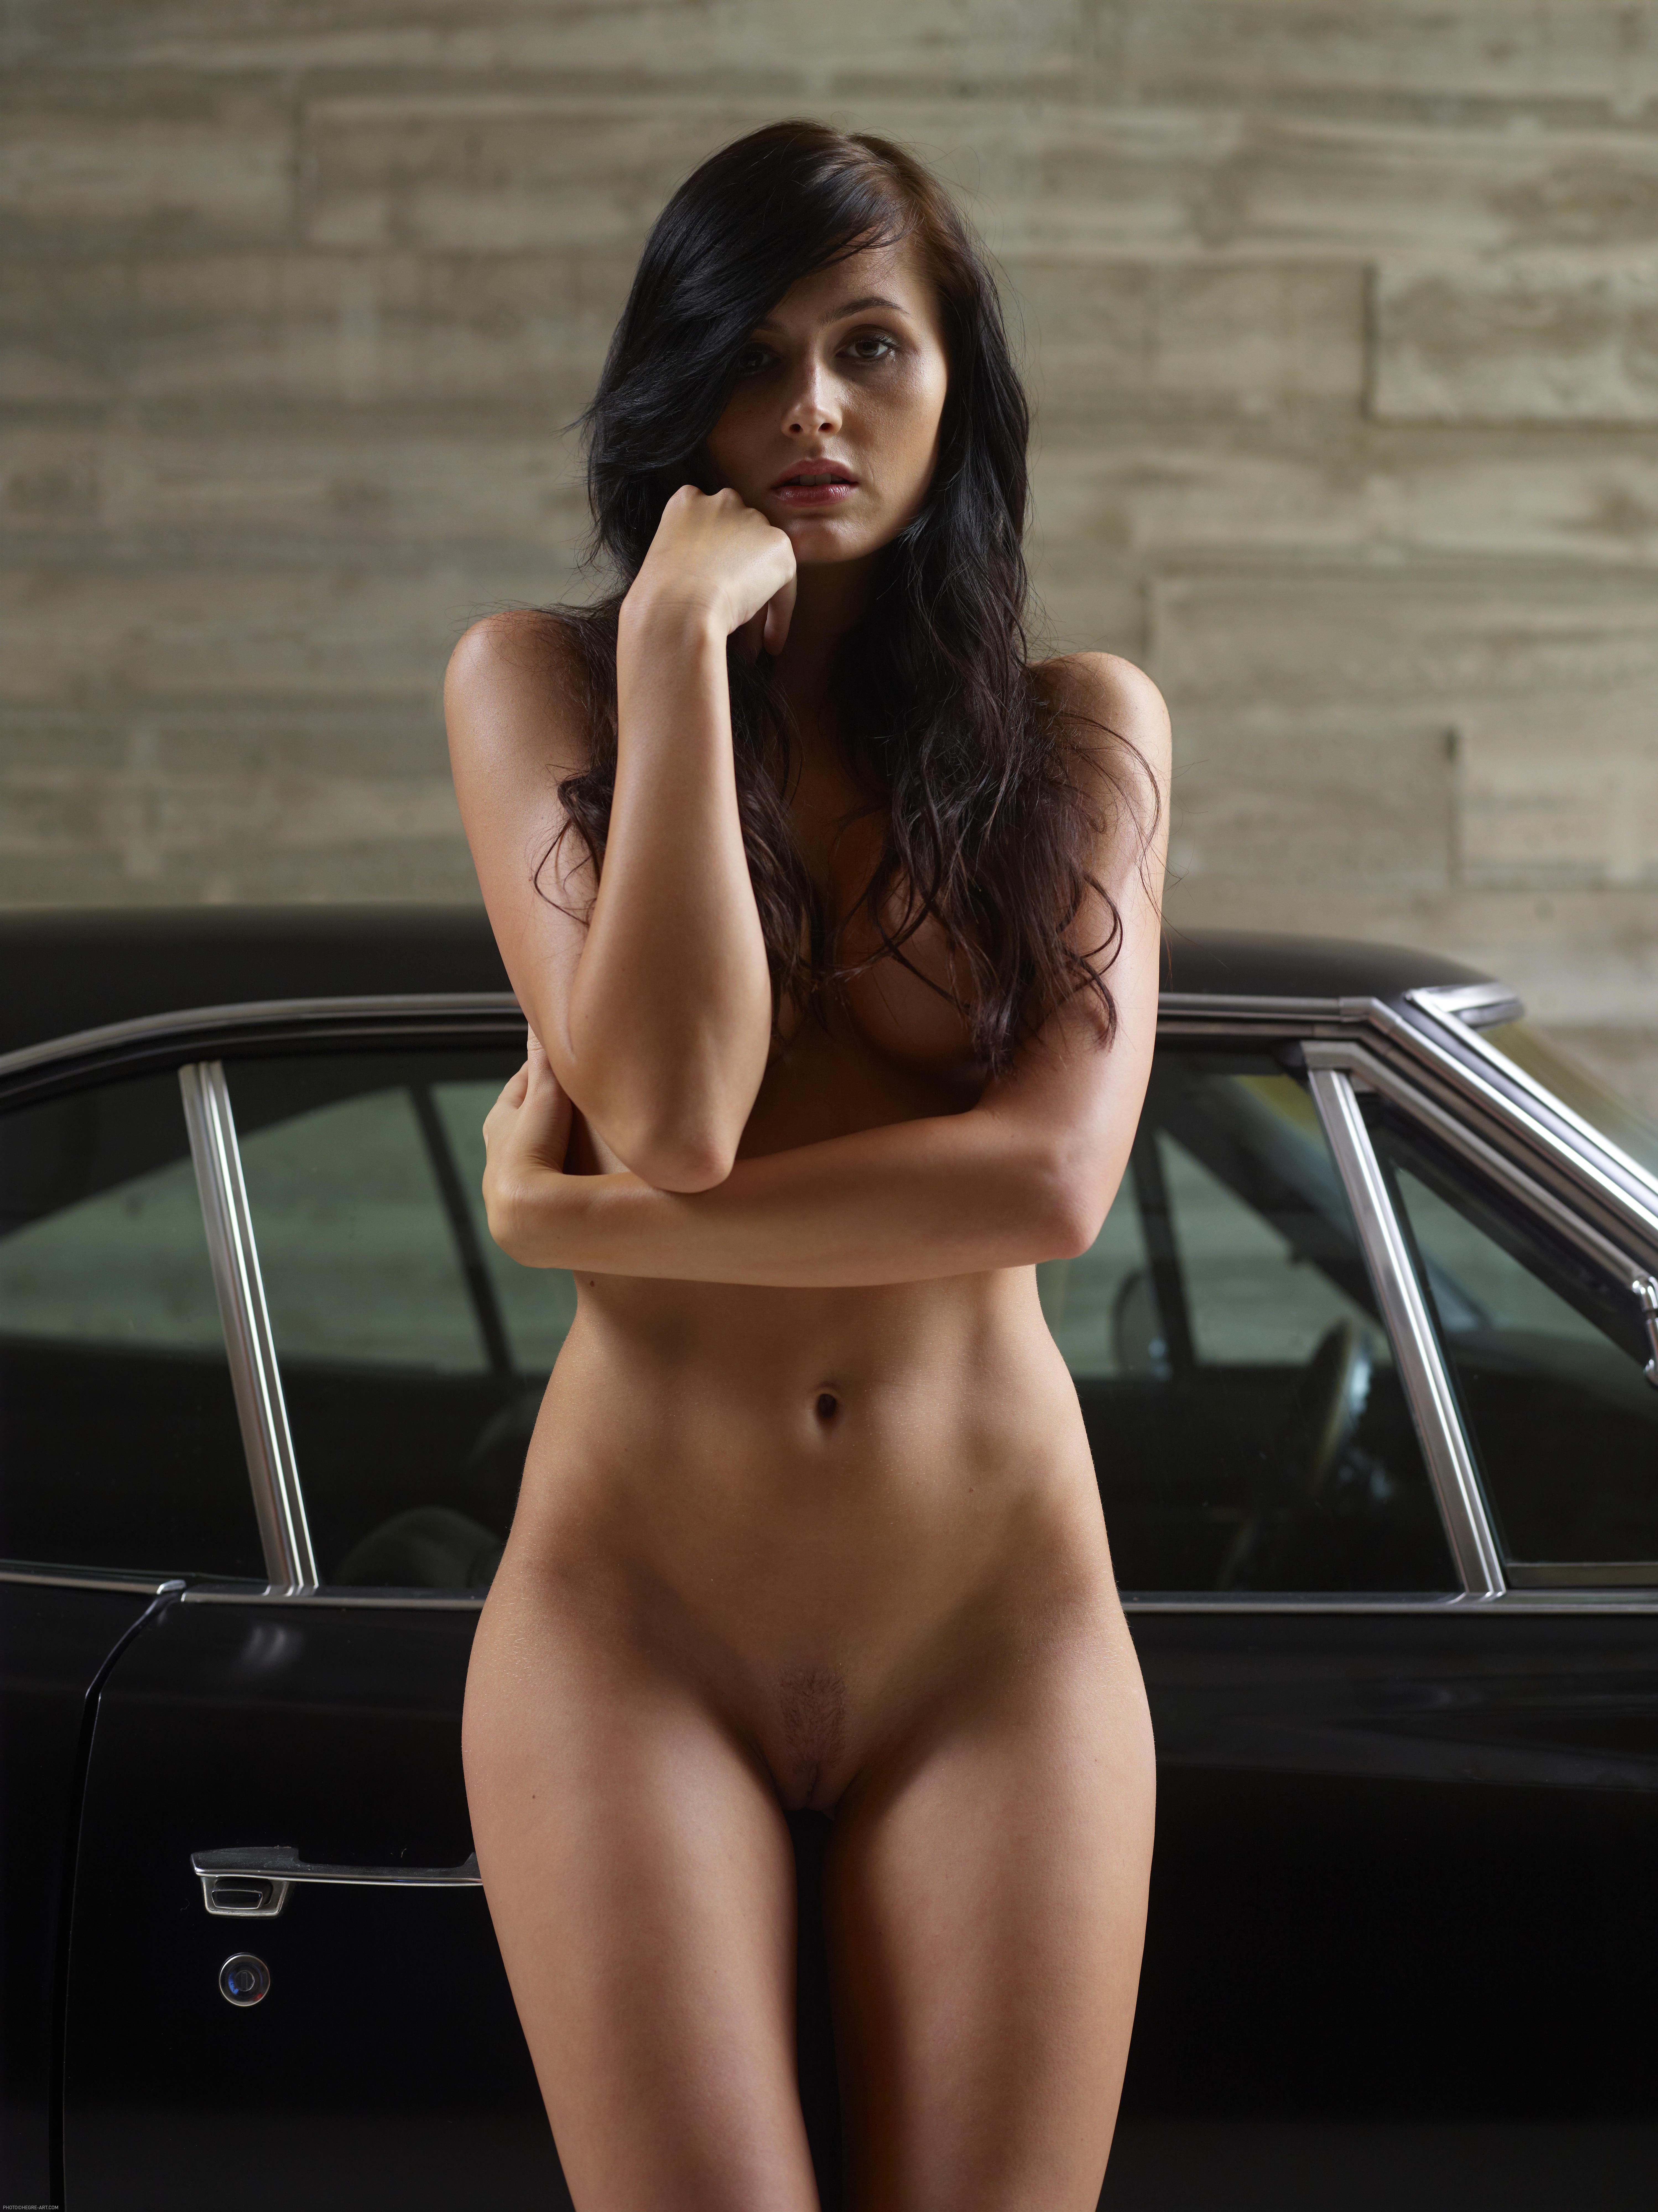 naked hot guy stimulate girl